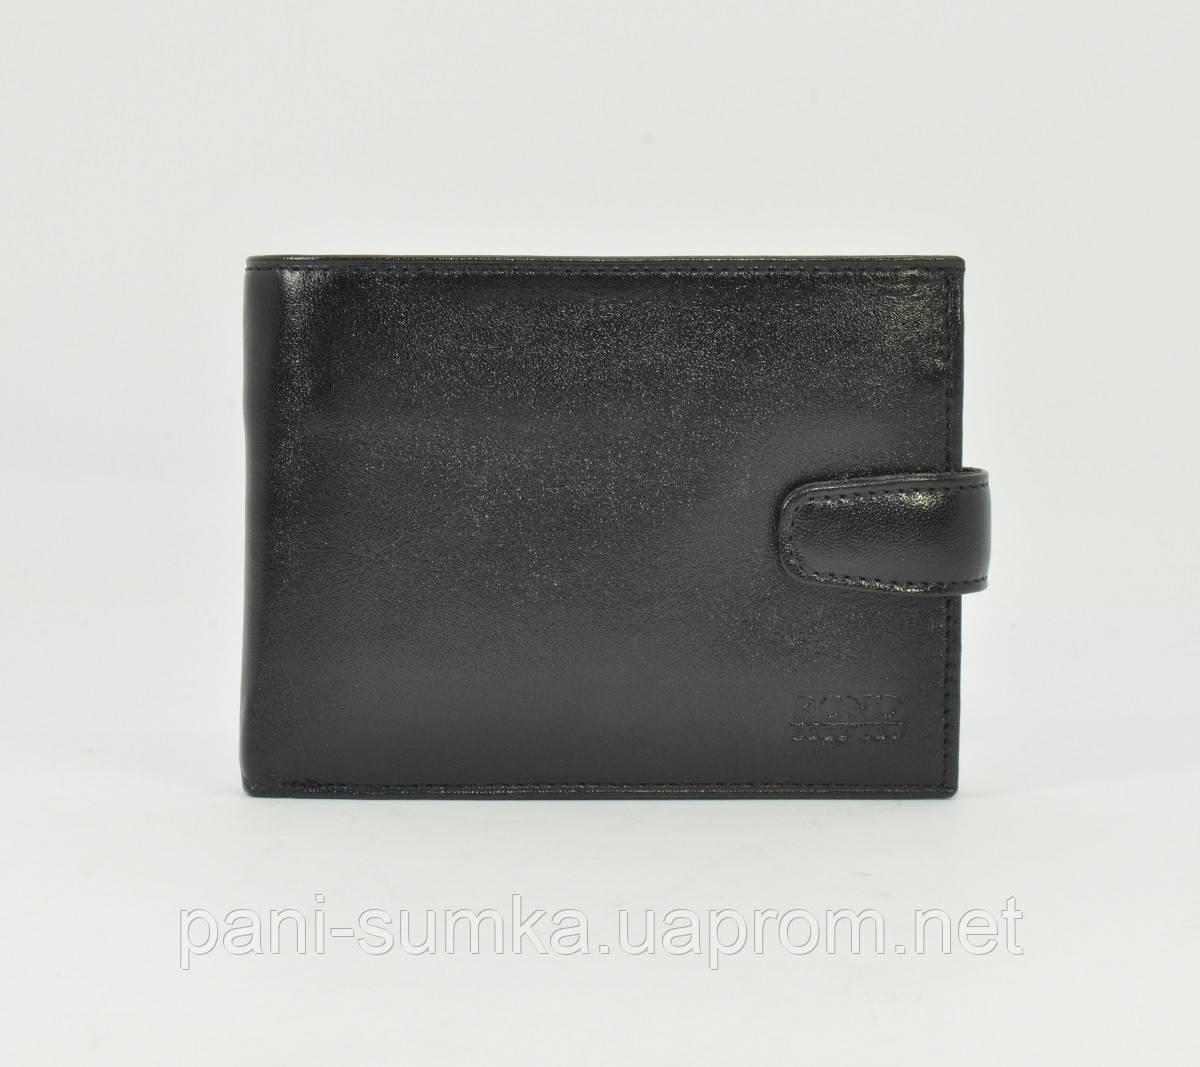 Портмоне, кошелек мужской кожаный Bond Non 545-1 черный